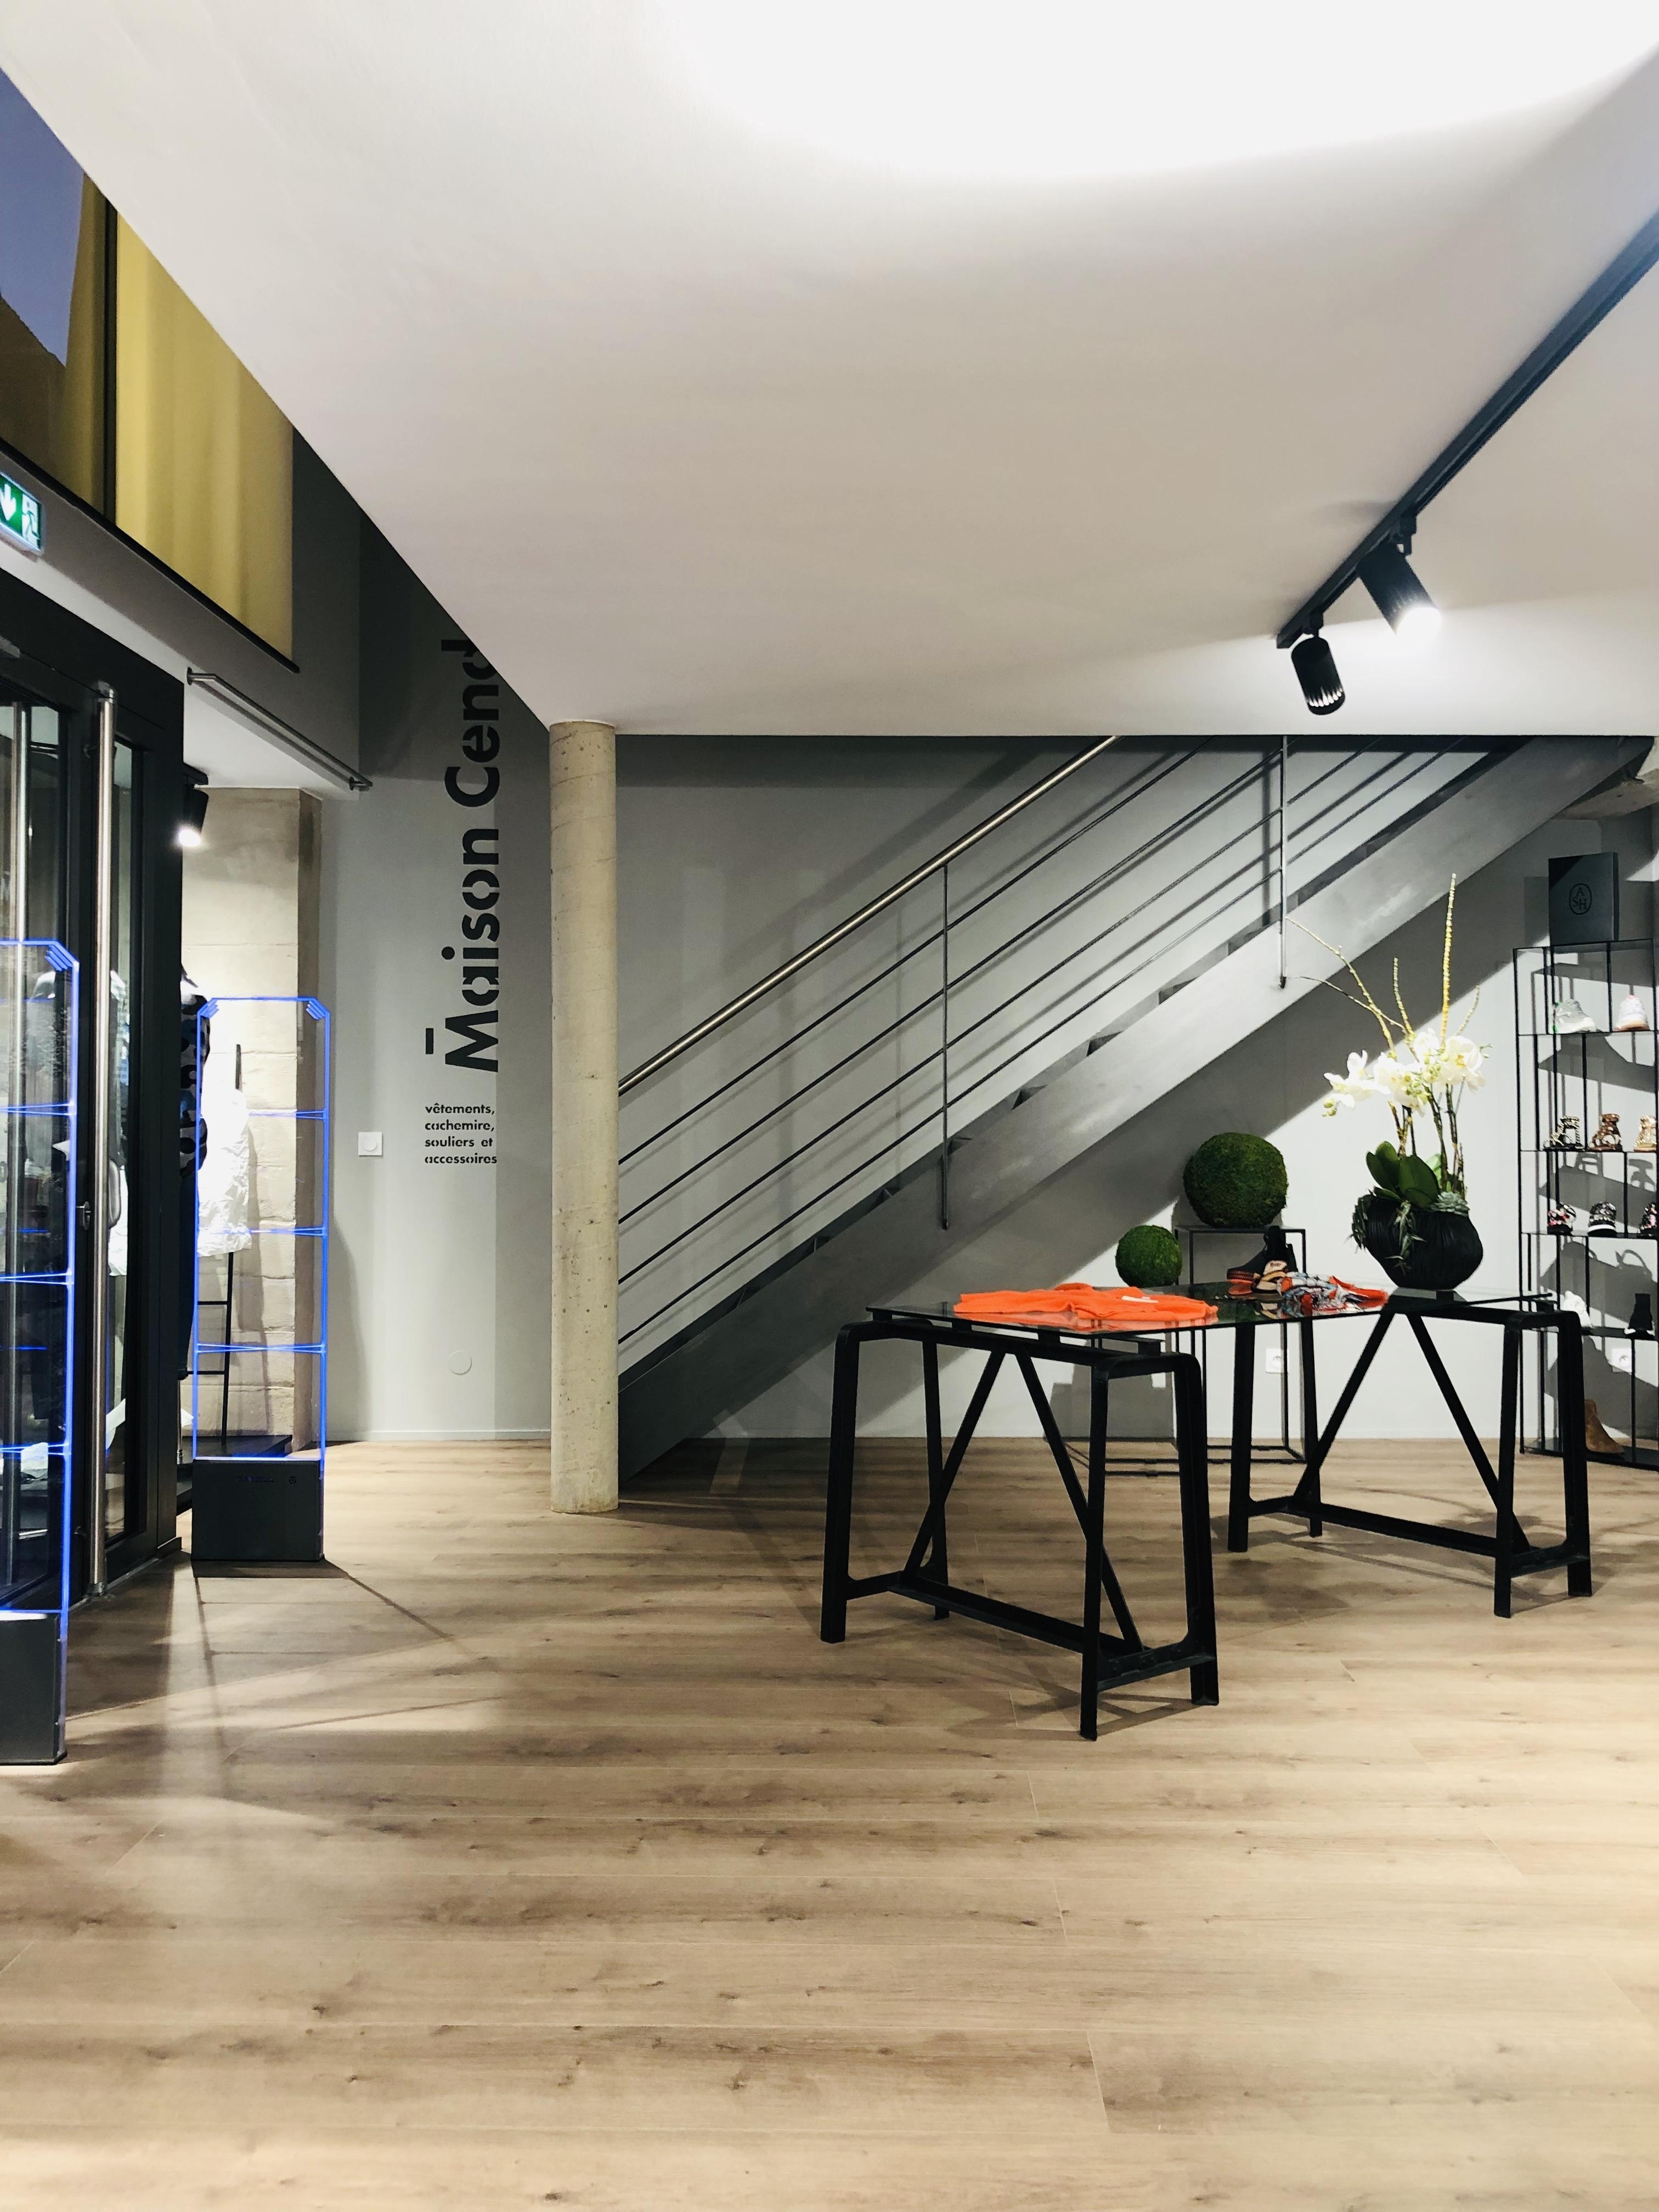 Galerie d'image - MAISON CENDRE